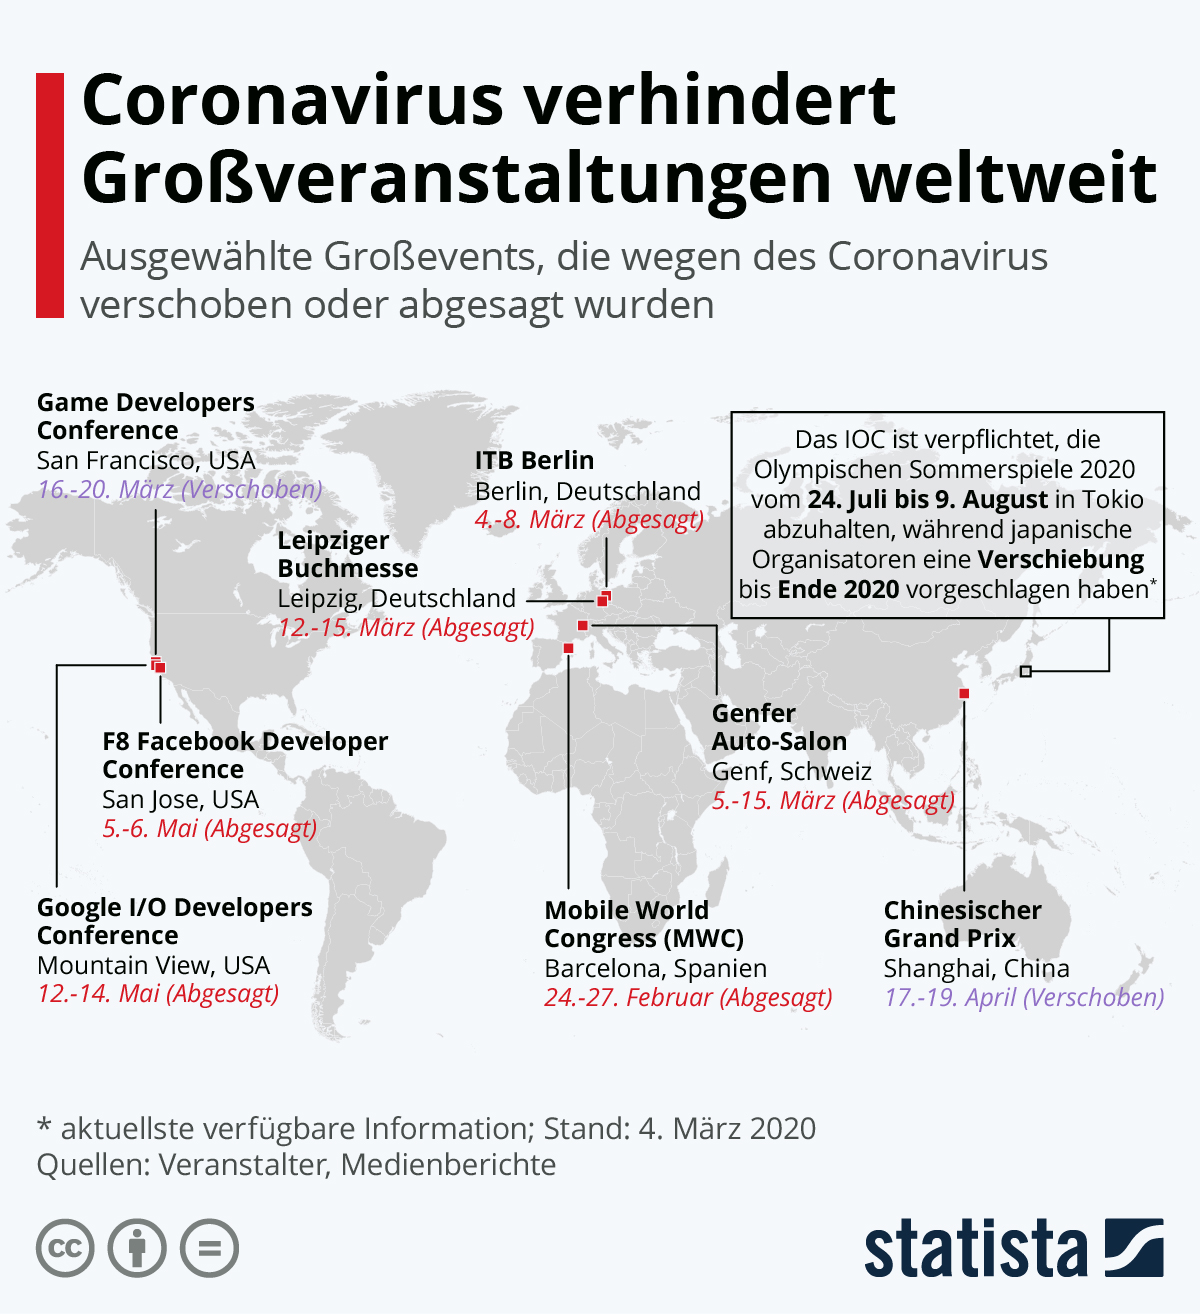 Инфографика: вирус Corona предотвращает крупные события в мире  Statista